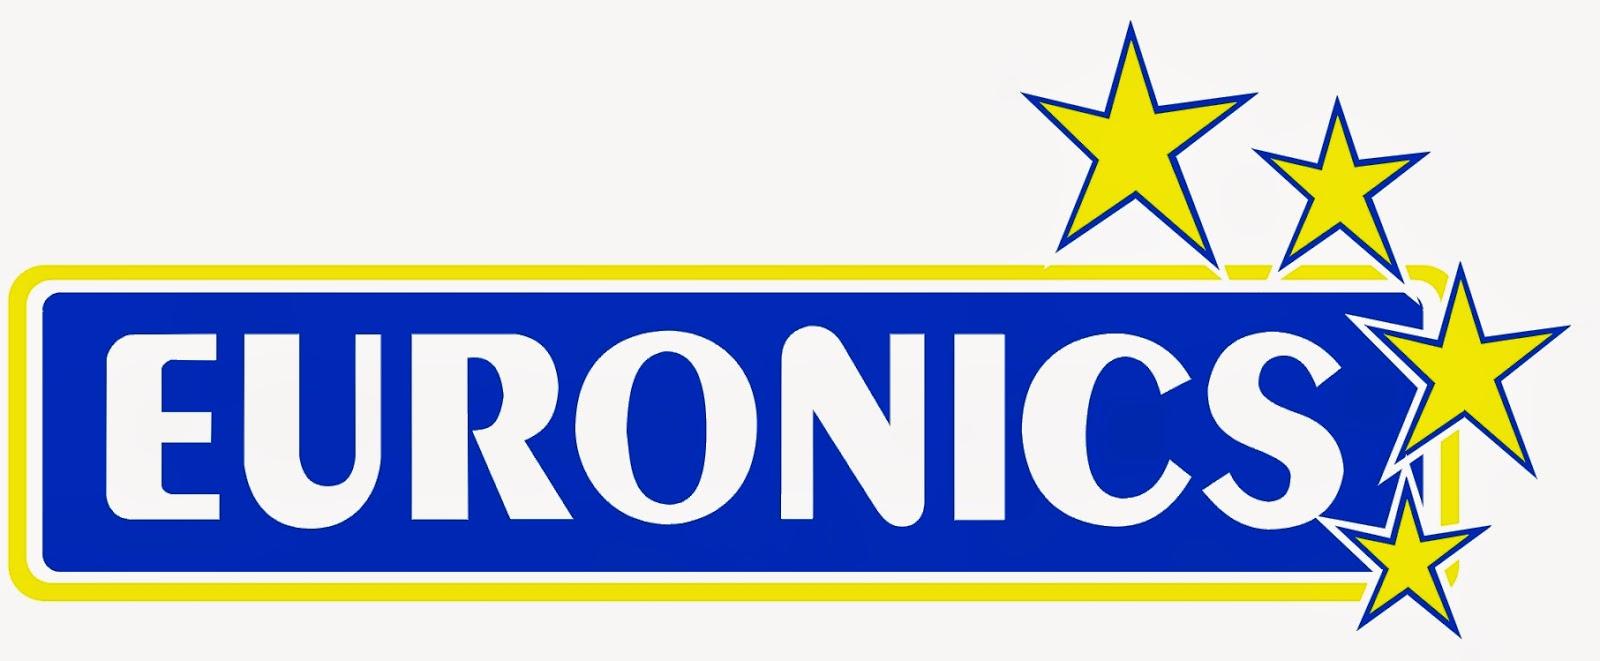 IL VOLANTINO EURONICS DISPONIBILE DA OGGI 5 FEBBRAIO AL 11 FEBBRAIO 2015, OFFERTE SU NOTEBOOK, SMARTPHONE, TV LED E ALTRO